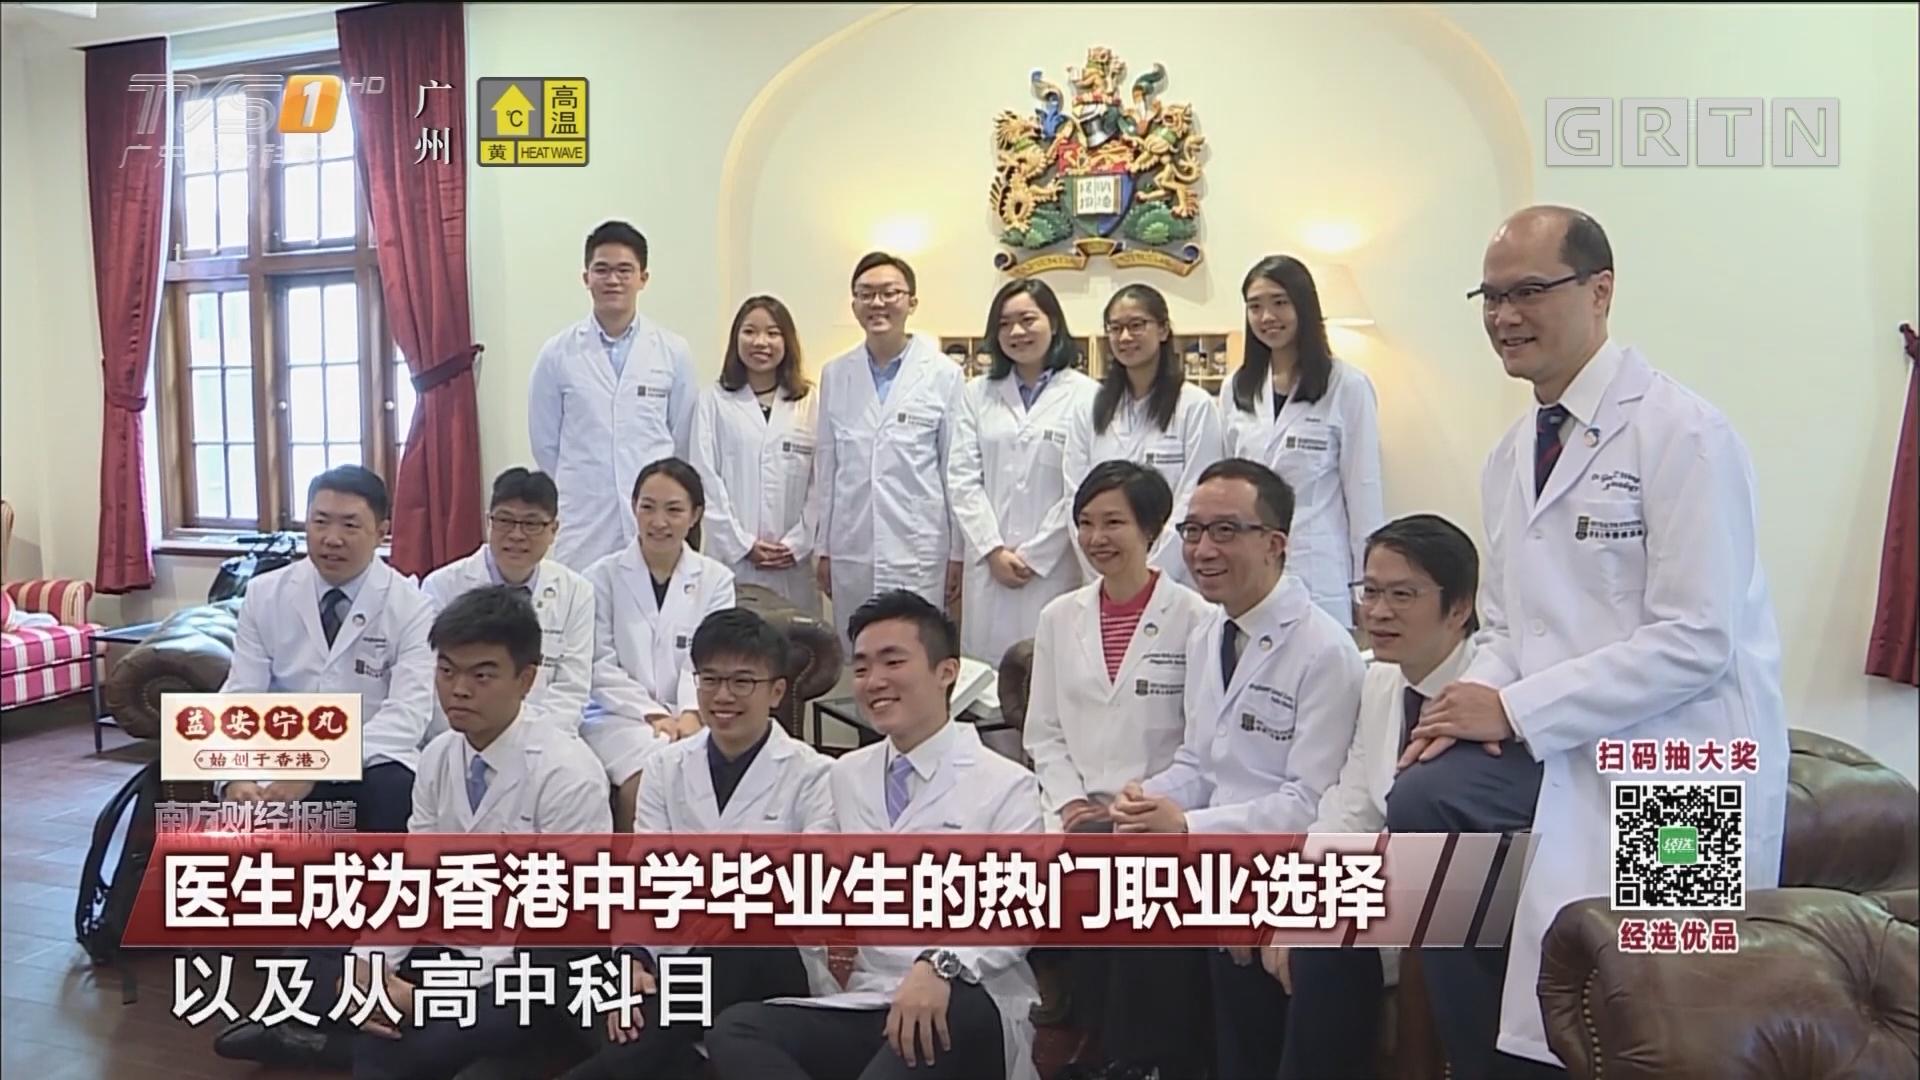 医生成为香港中学毕业生的热门职业选择